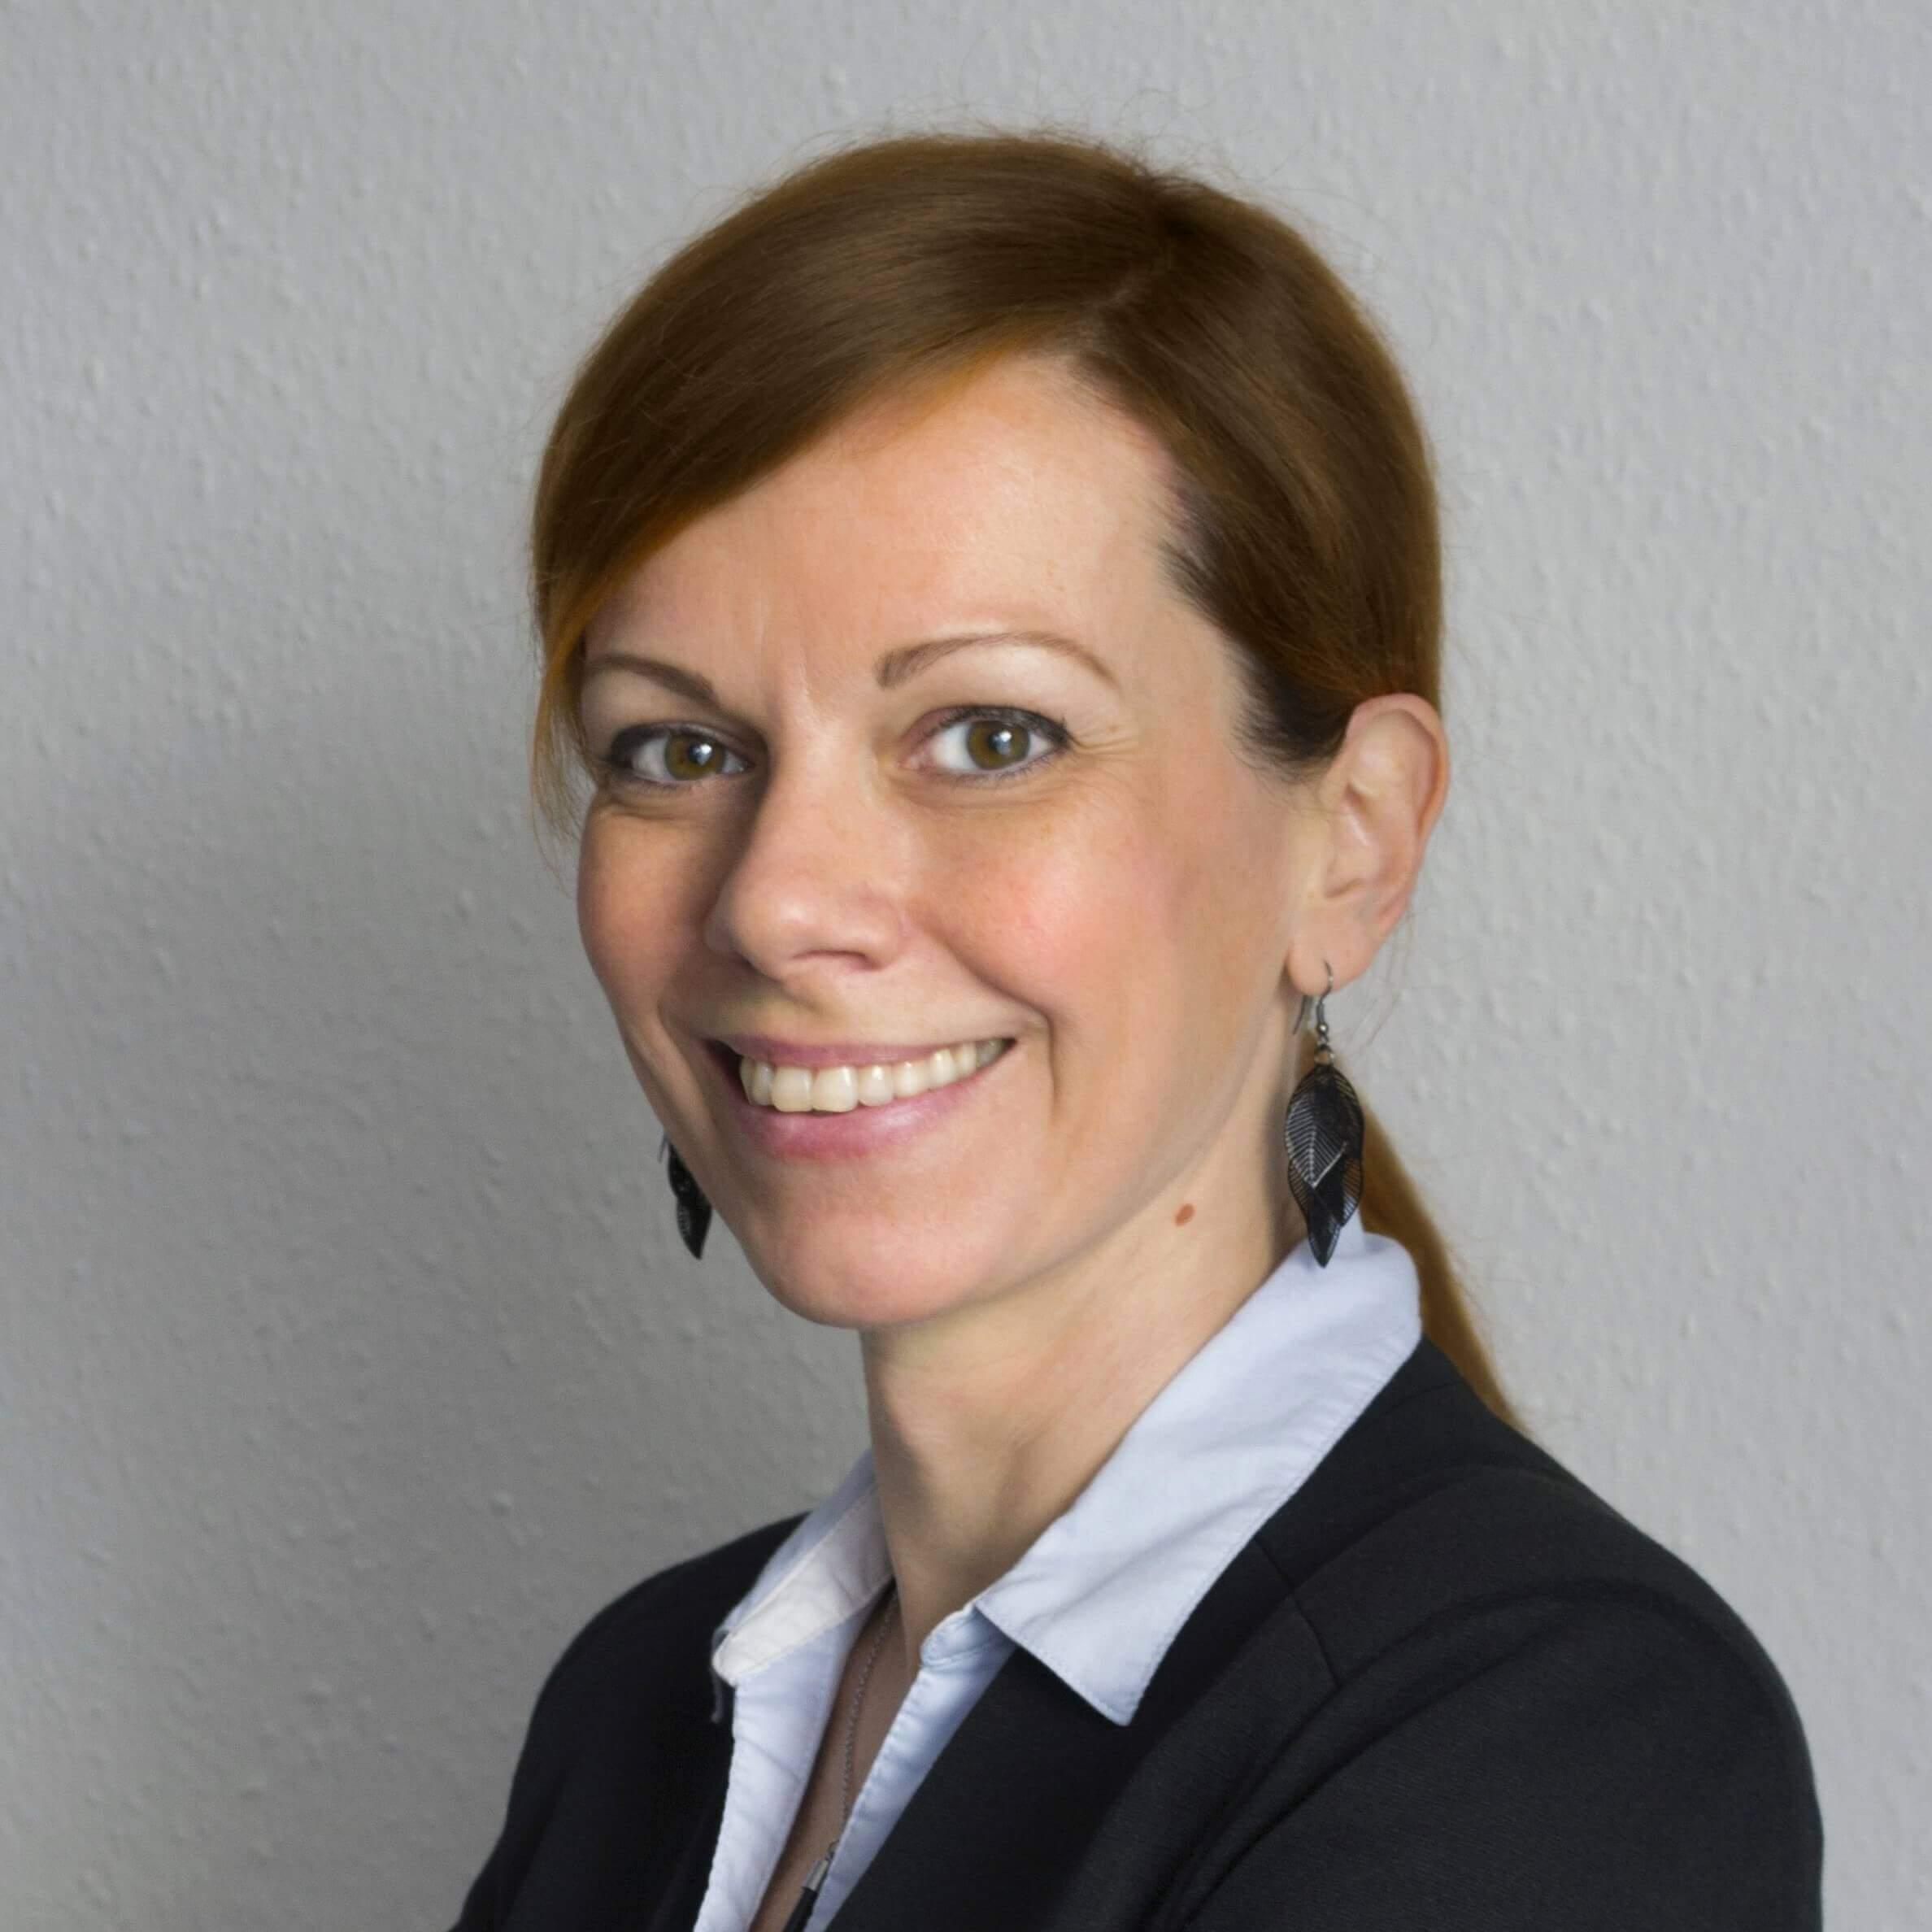 Orsolya Kovács